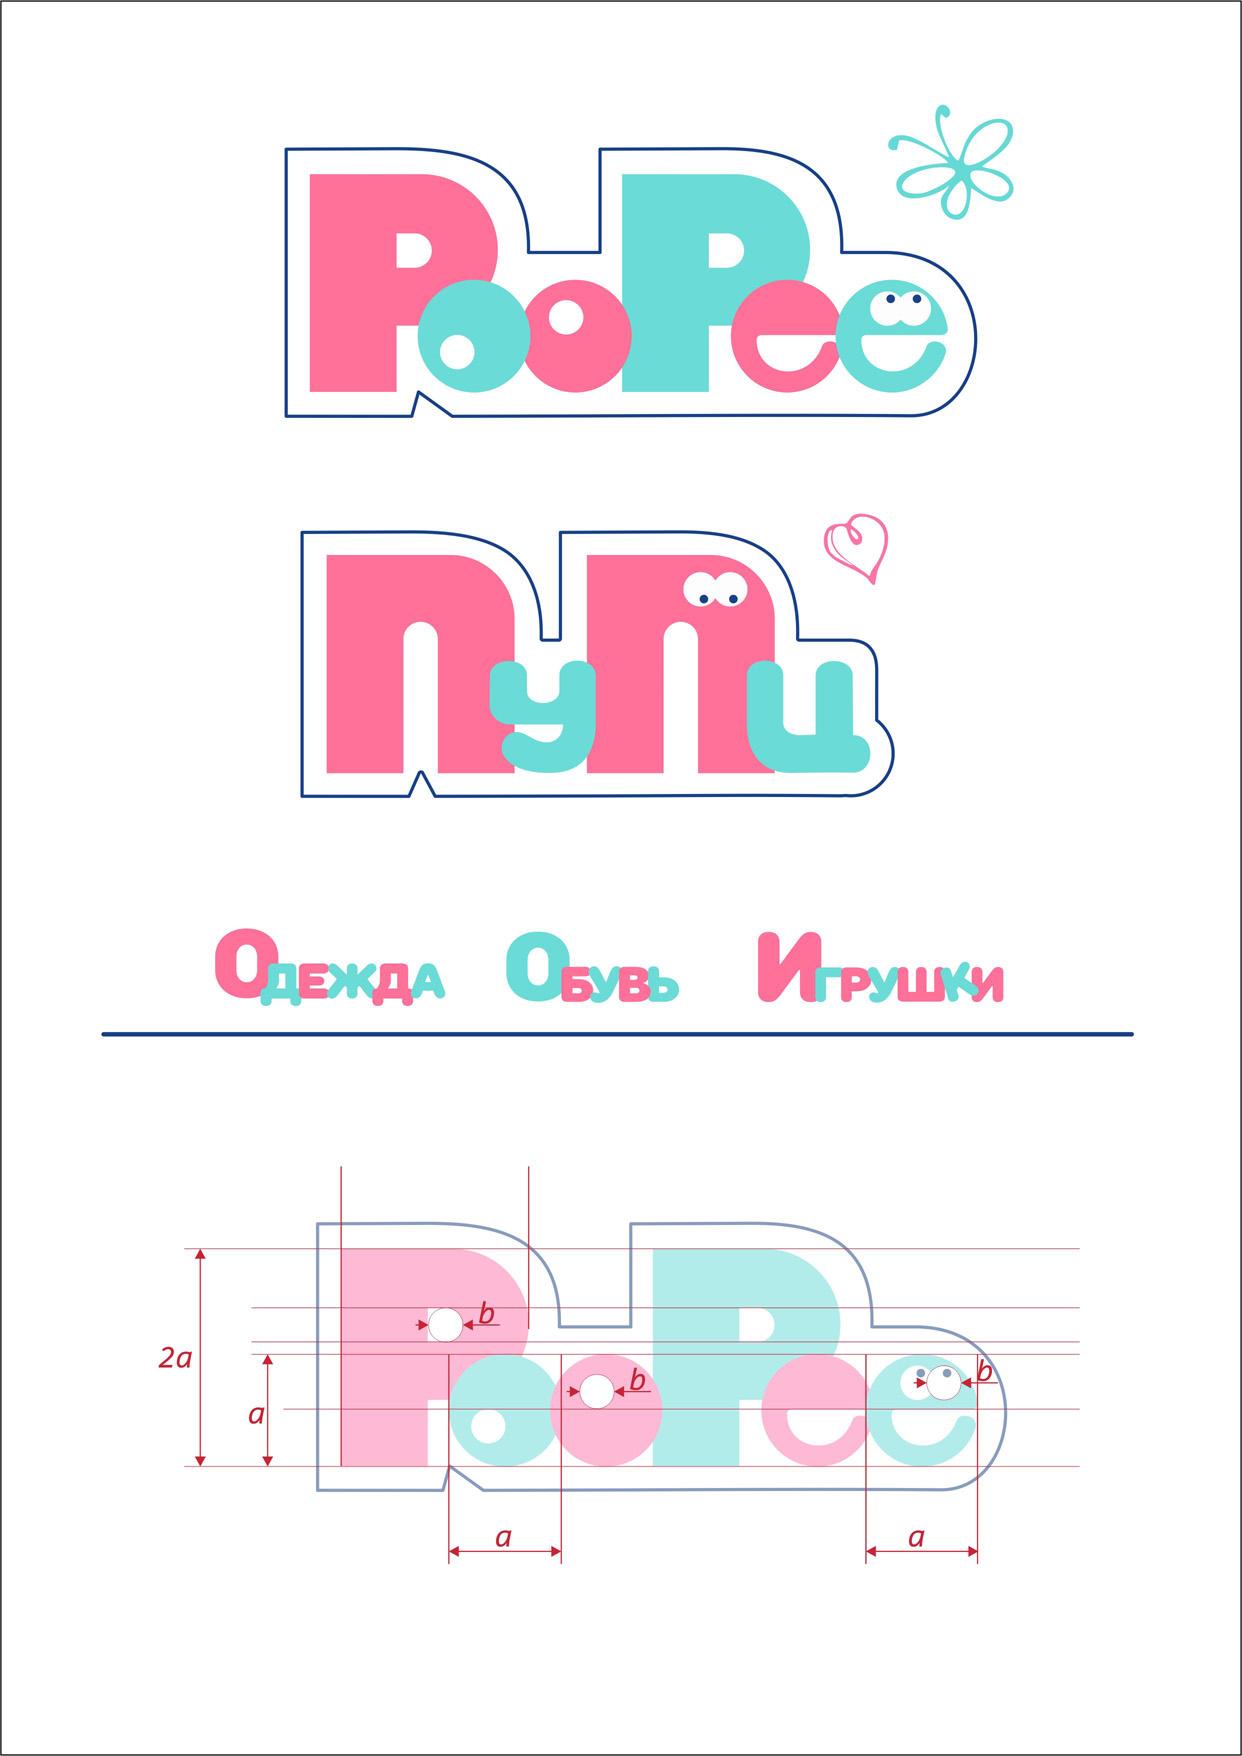 Разработка элементов фирменного стиля, логотипа и гайдлайна  фото f_8305ad9d941831d9.jpg